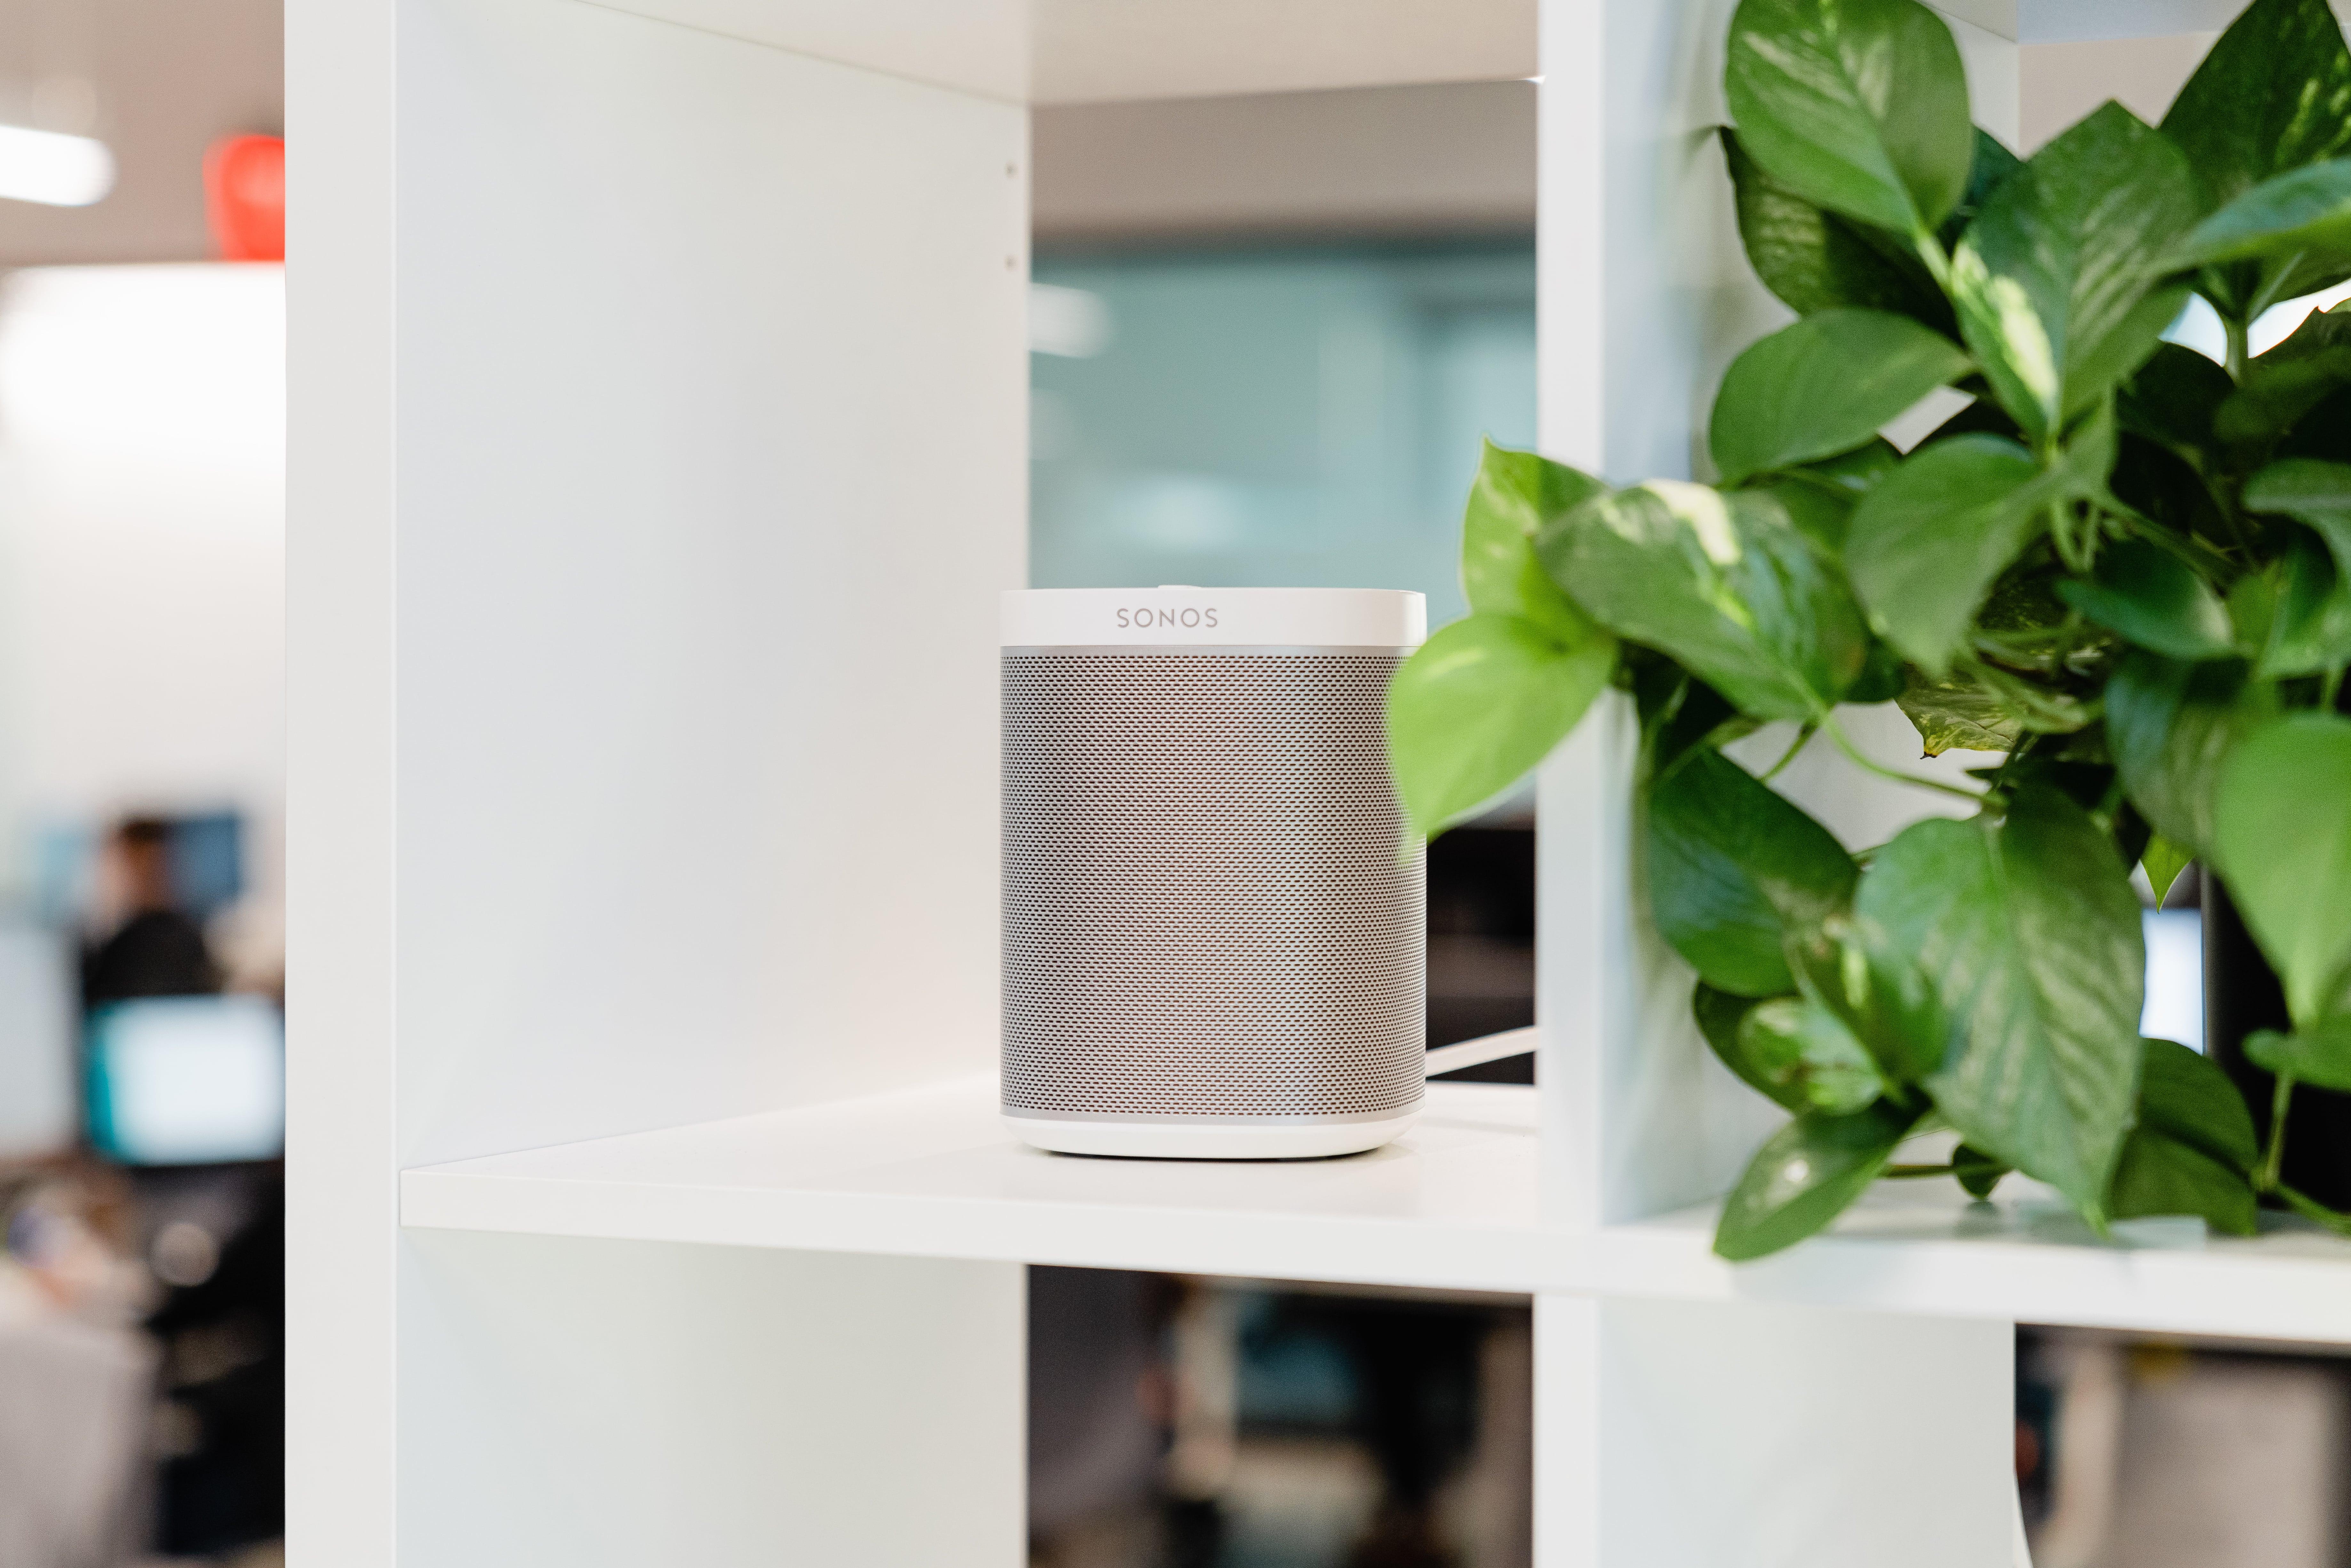 White Sonos speaker on an office shelf